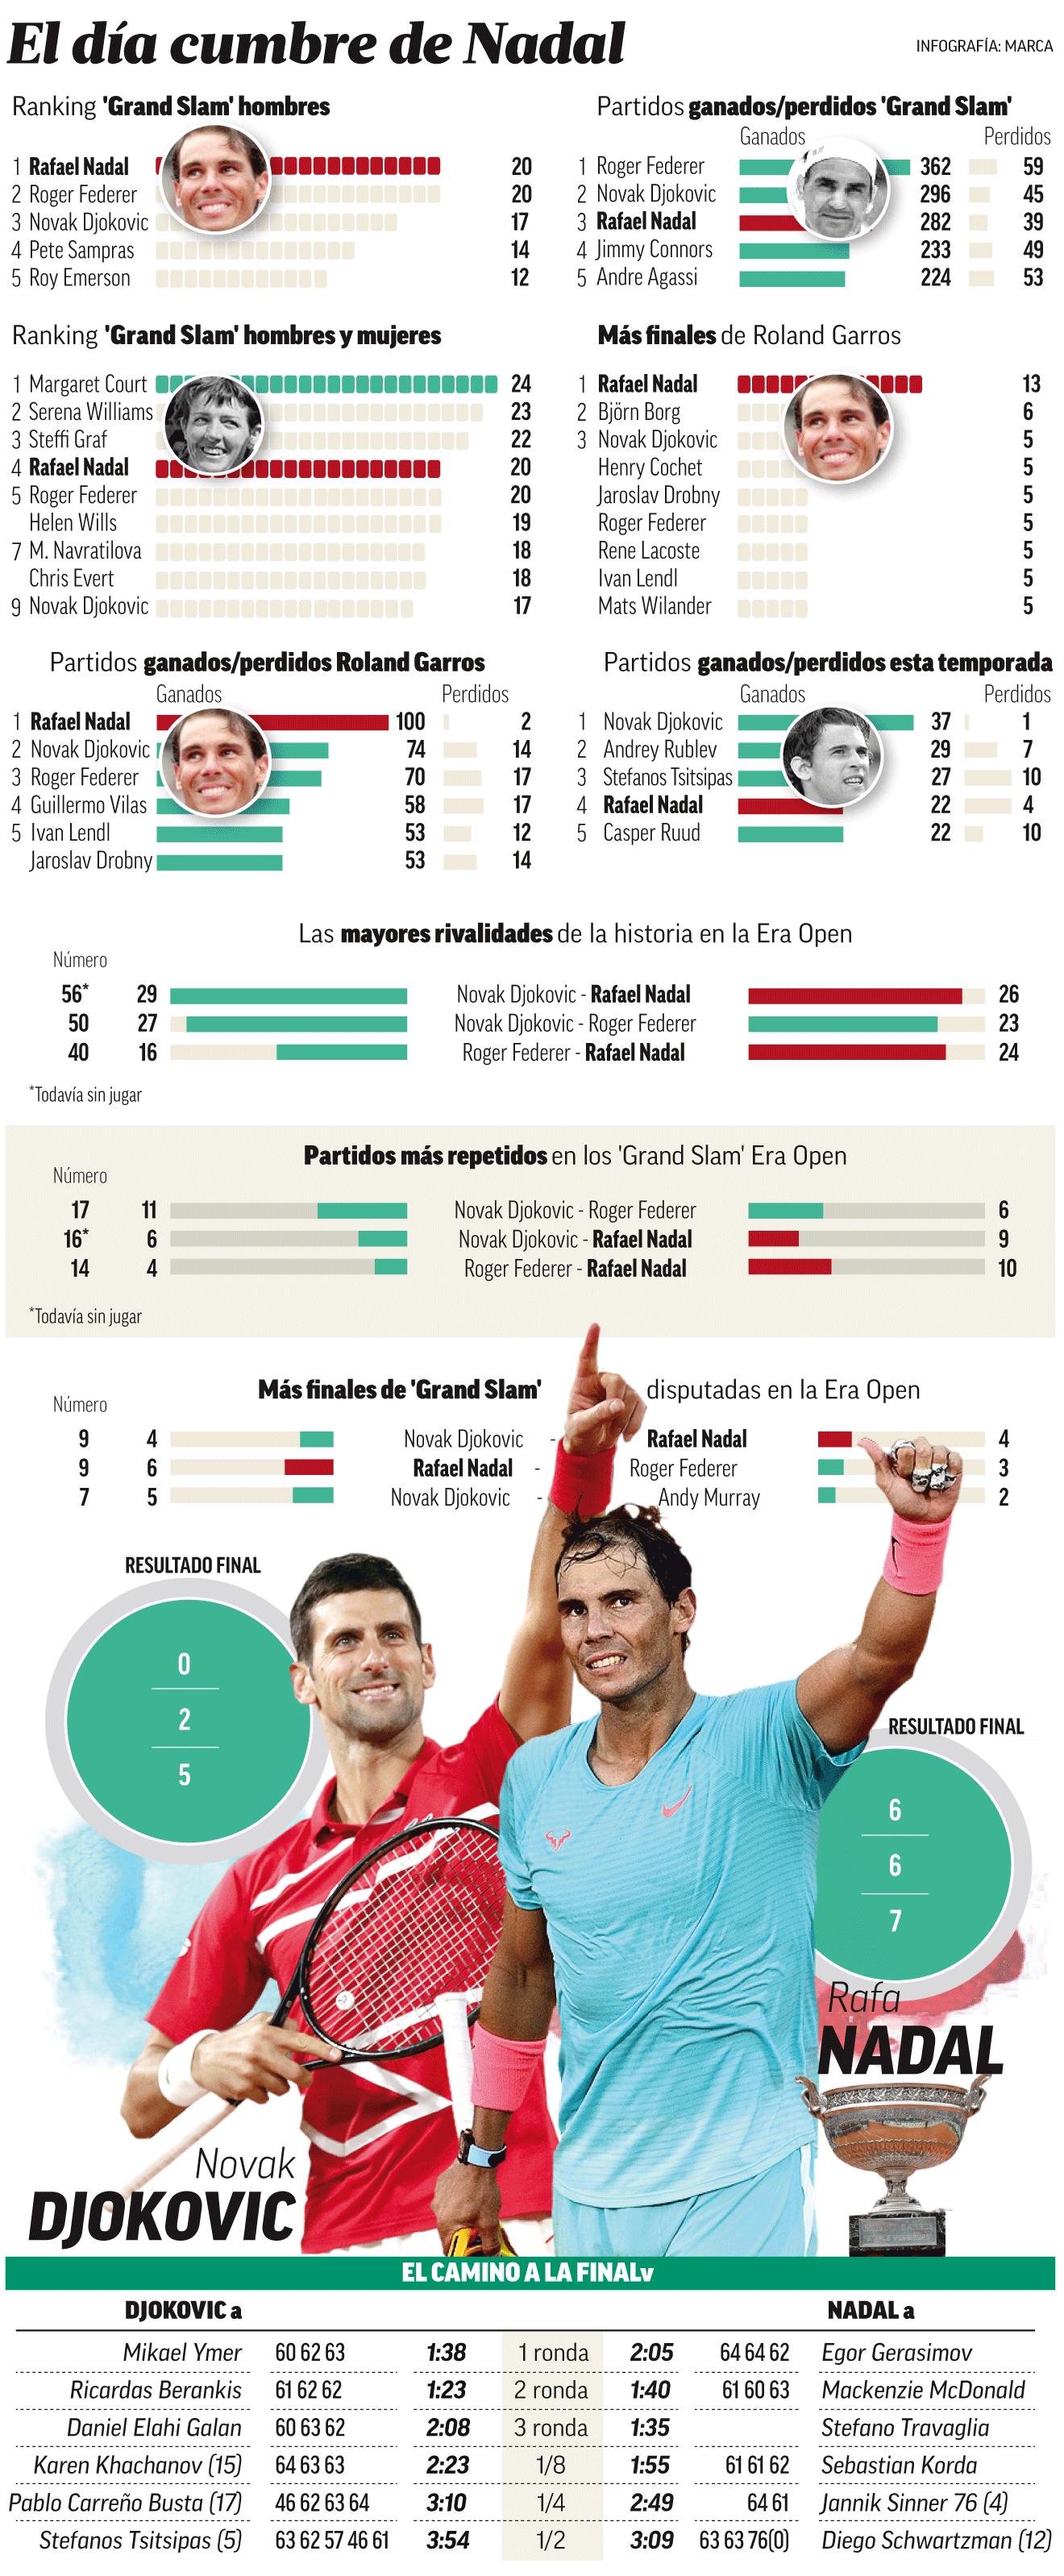 Roland Garros 2020 Andy Murray Es Increible Nadie Se Acercara A Los 13 Titulos De Rafa Nadal En Roland Garros Marca Com